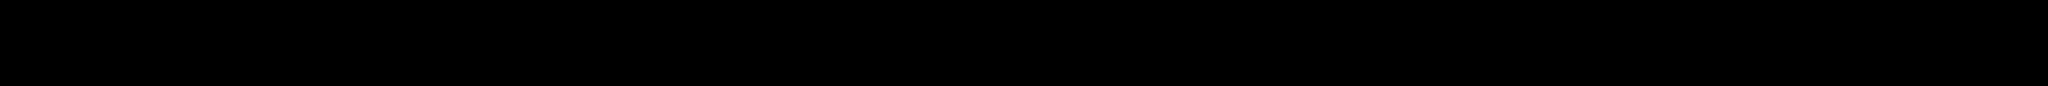 FEBI BILSTEIN 431 601 139 A, 443 601 139 A, 443 601 139 C, 8D0 601 139 A, 8D0 601 139 D Radschraube